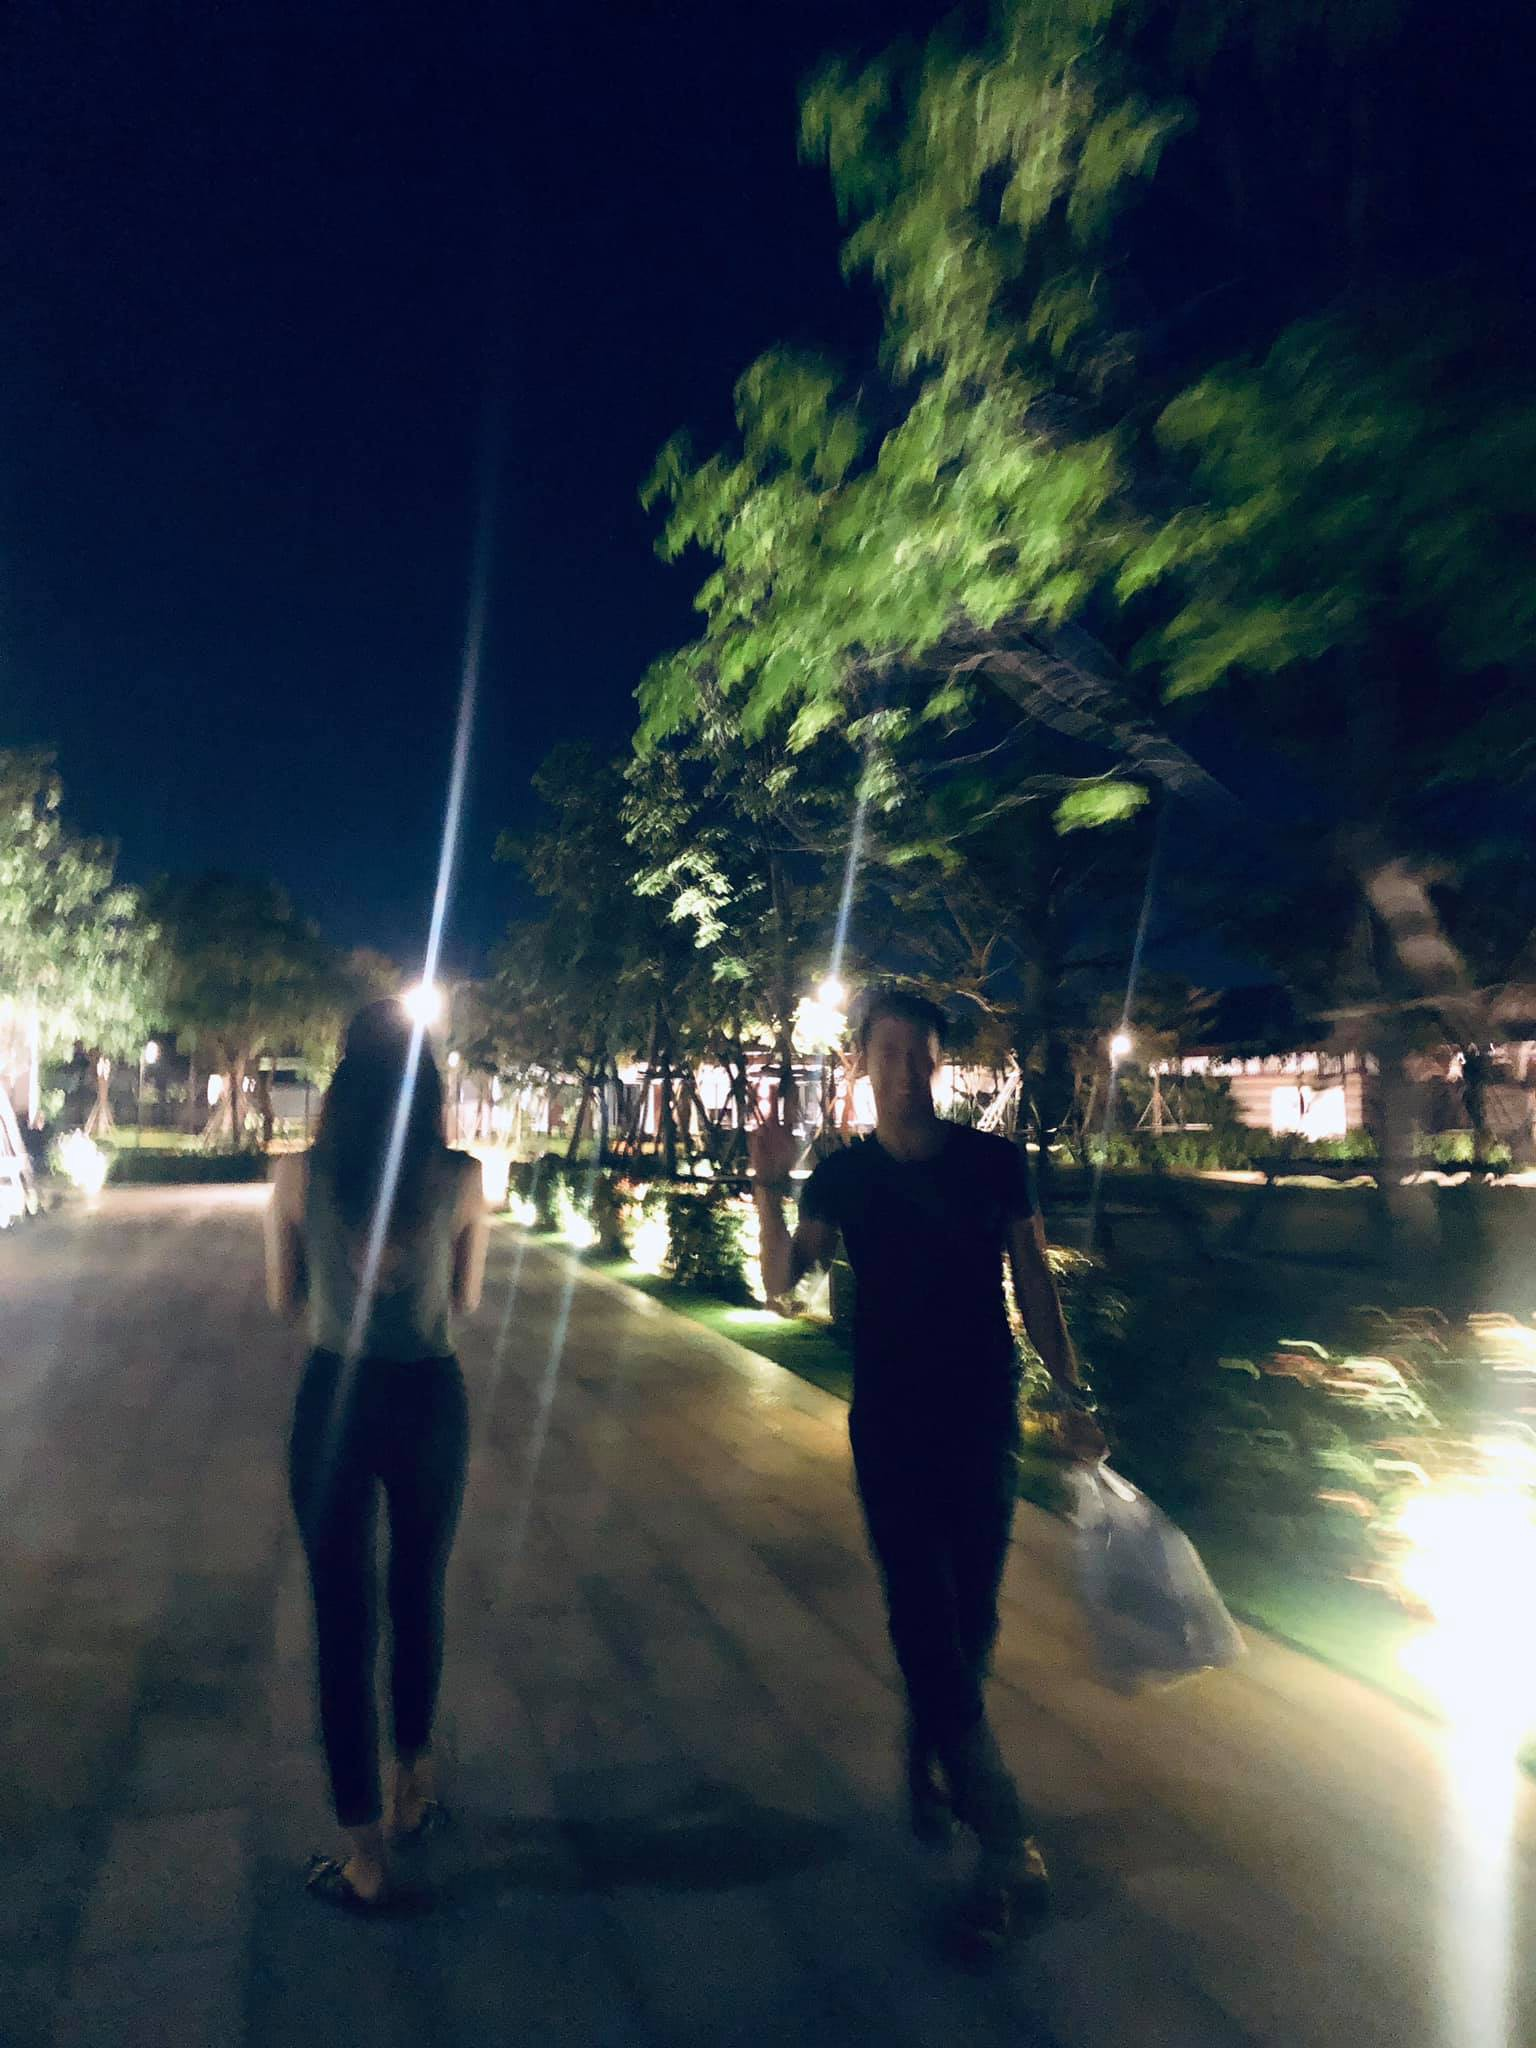 Phillip thân thiết đi chơi cùng Hương Giang sau màn xuất hiện chớp nhoáng trong MV mới khiến dân mạng nhiệt tình ghép đôi - Ảnh 3.